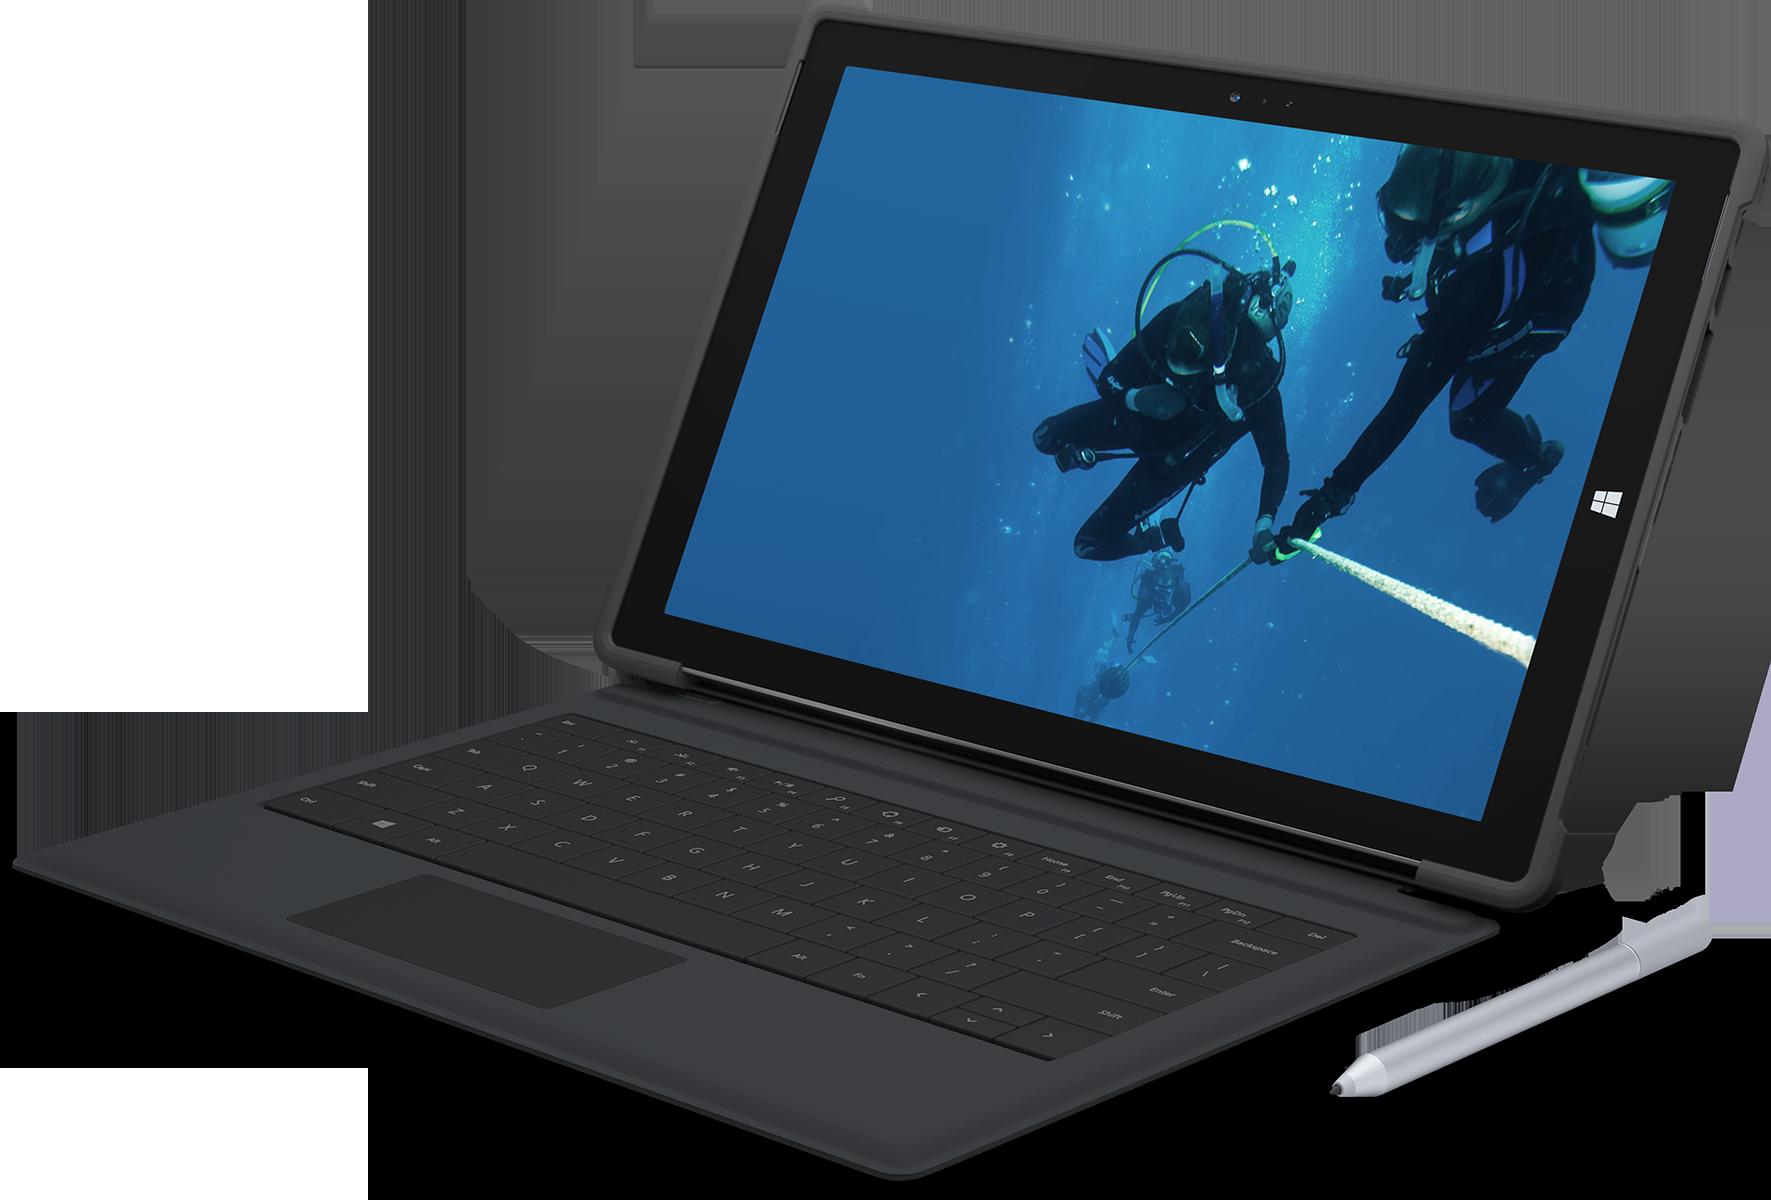 UAG Surface Pro 3 Case (Black)